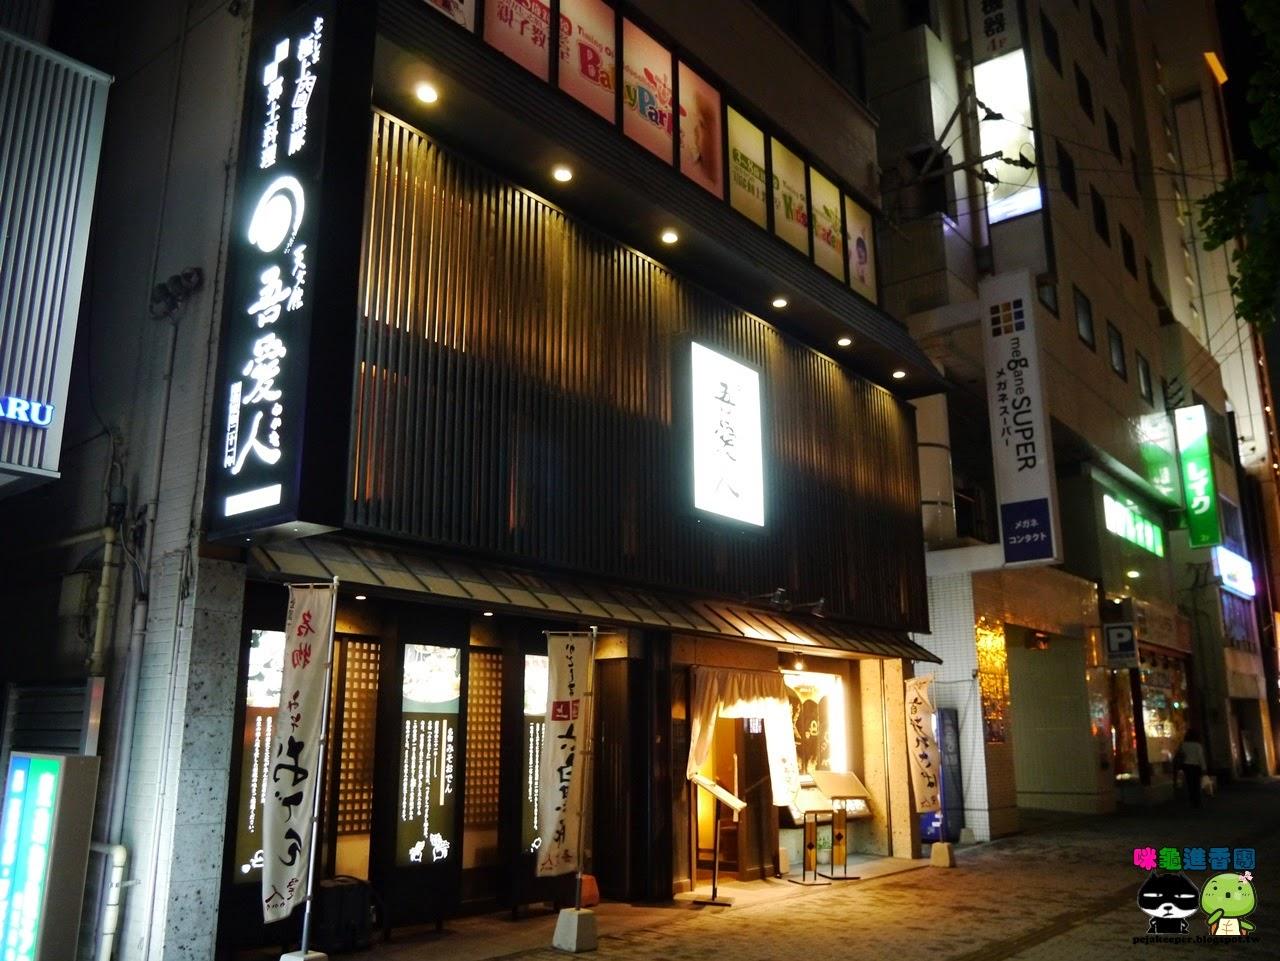 咪龜進香團(PejaKeeper's Blog): 2015 南九州之旅Day1 晚餐 吾愛人-極上六白黑豚涮涮鍋